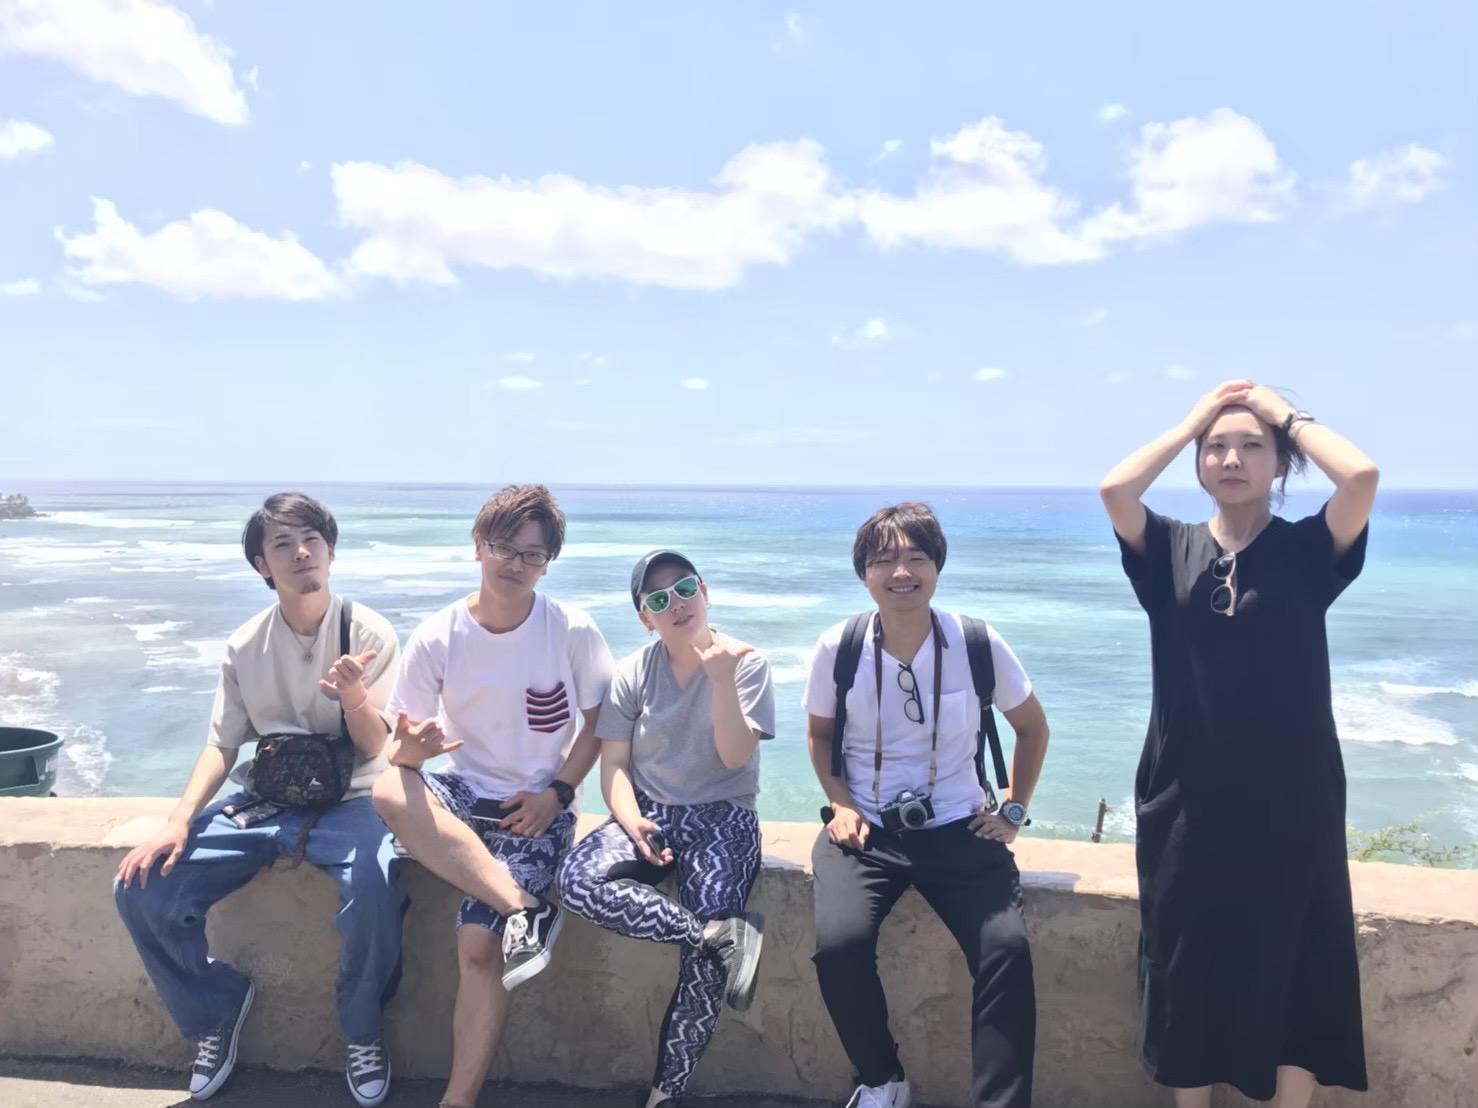 福利厚生でいけるハワイ旅行の写真です